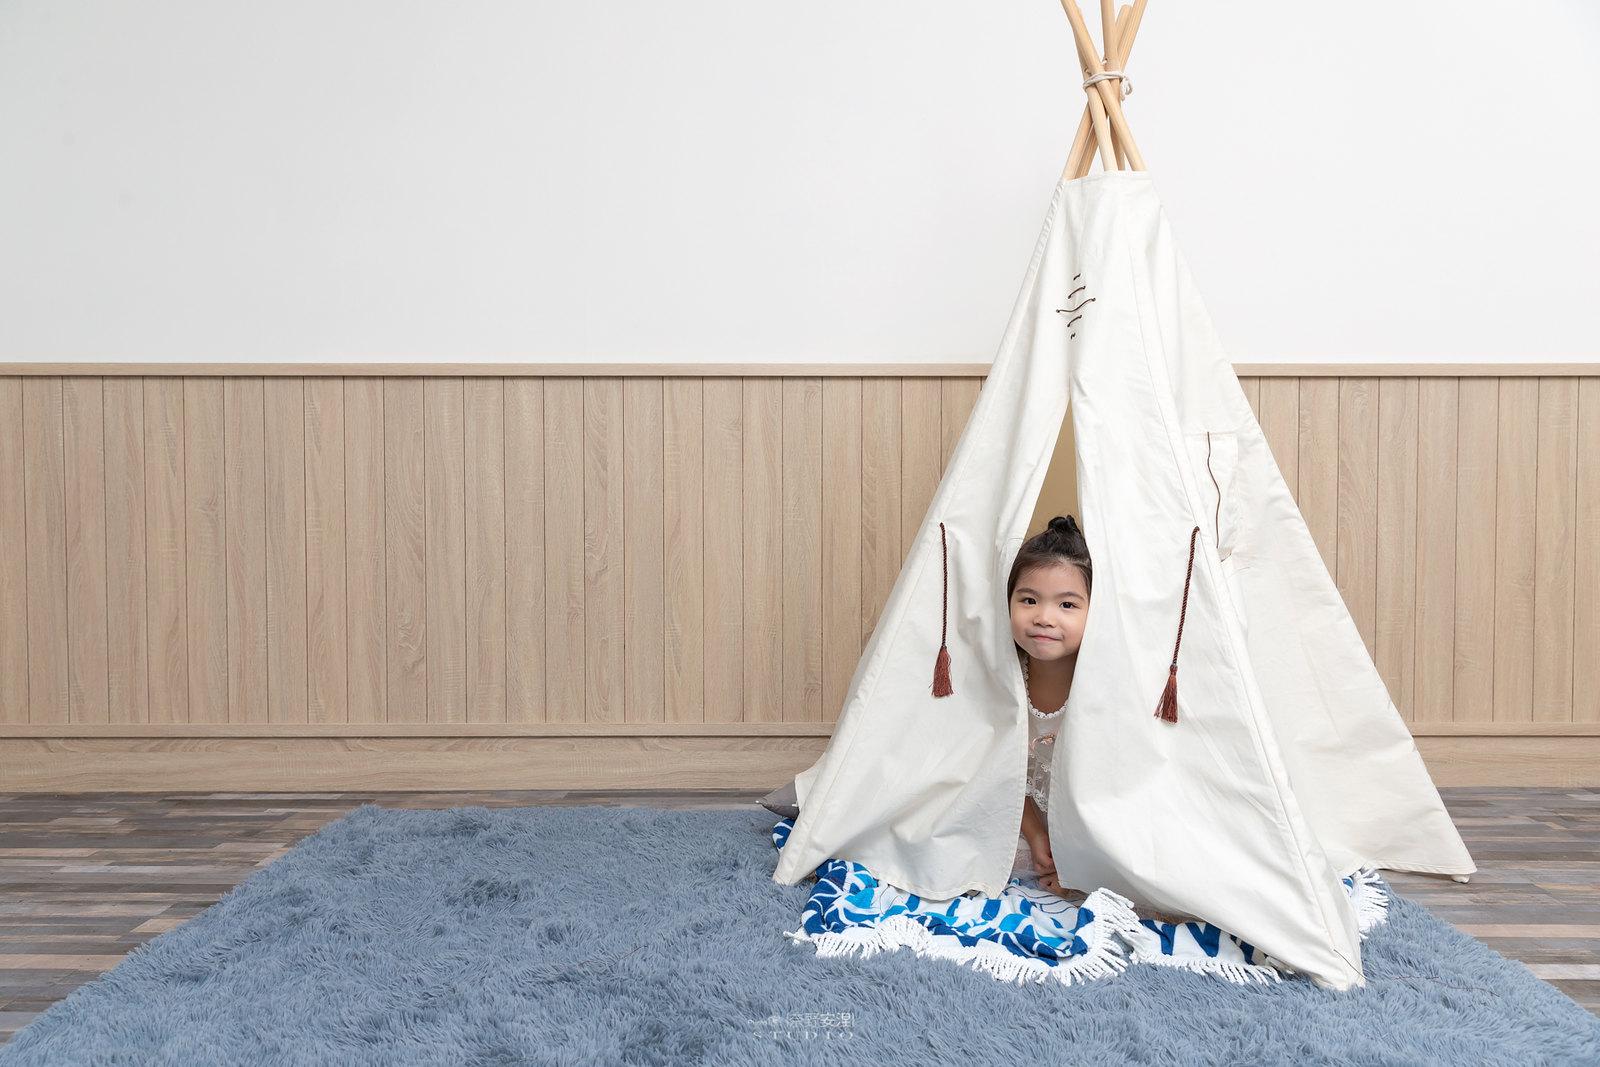 台南全家福 | 拋棄傳統合照的彆扭,忠實呈現家人間最親密的情感33